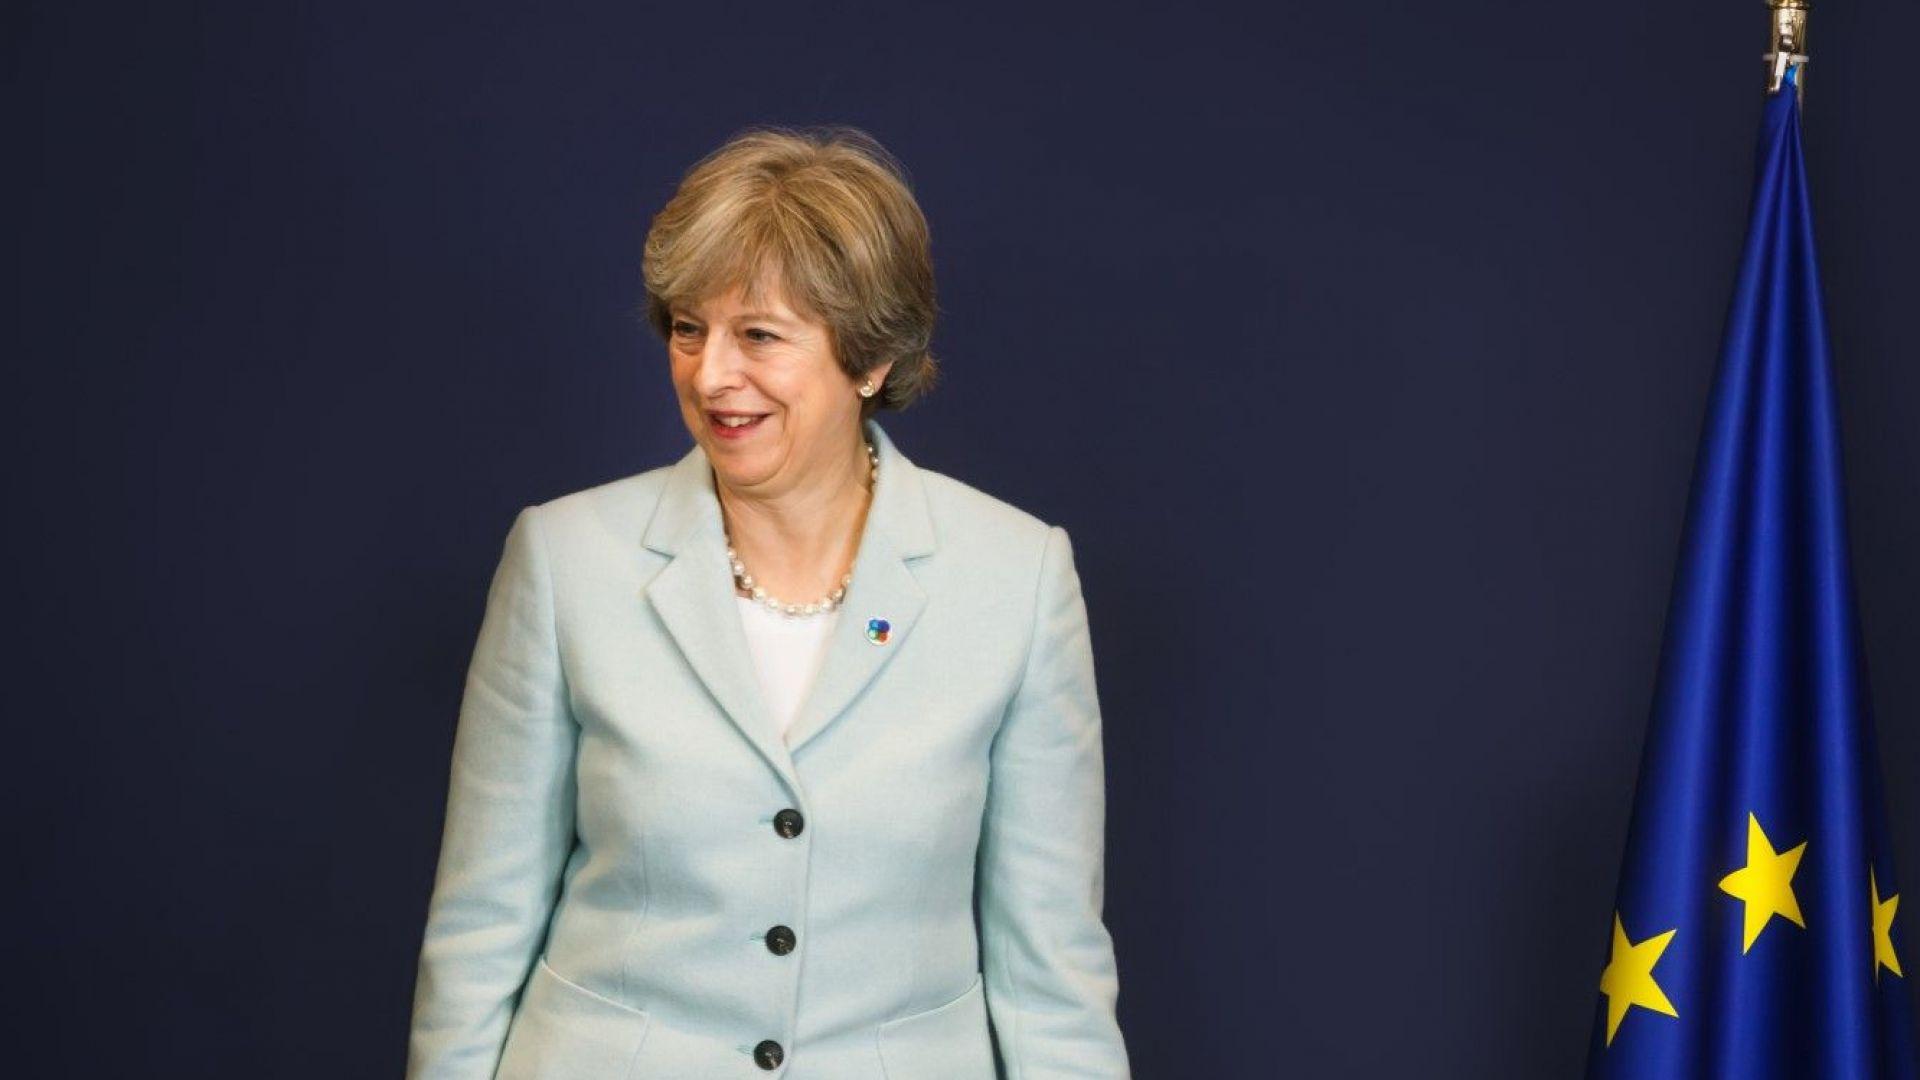 Мей: Проектът ни за сделка с ЕС отговаря на волята на британците